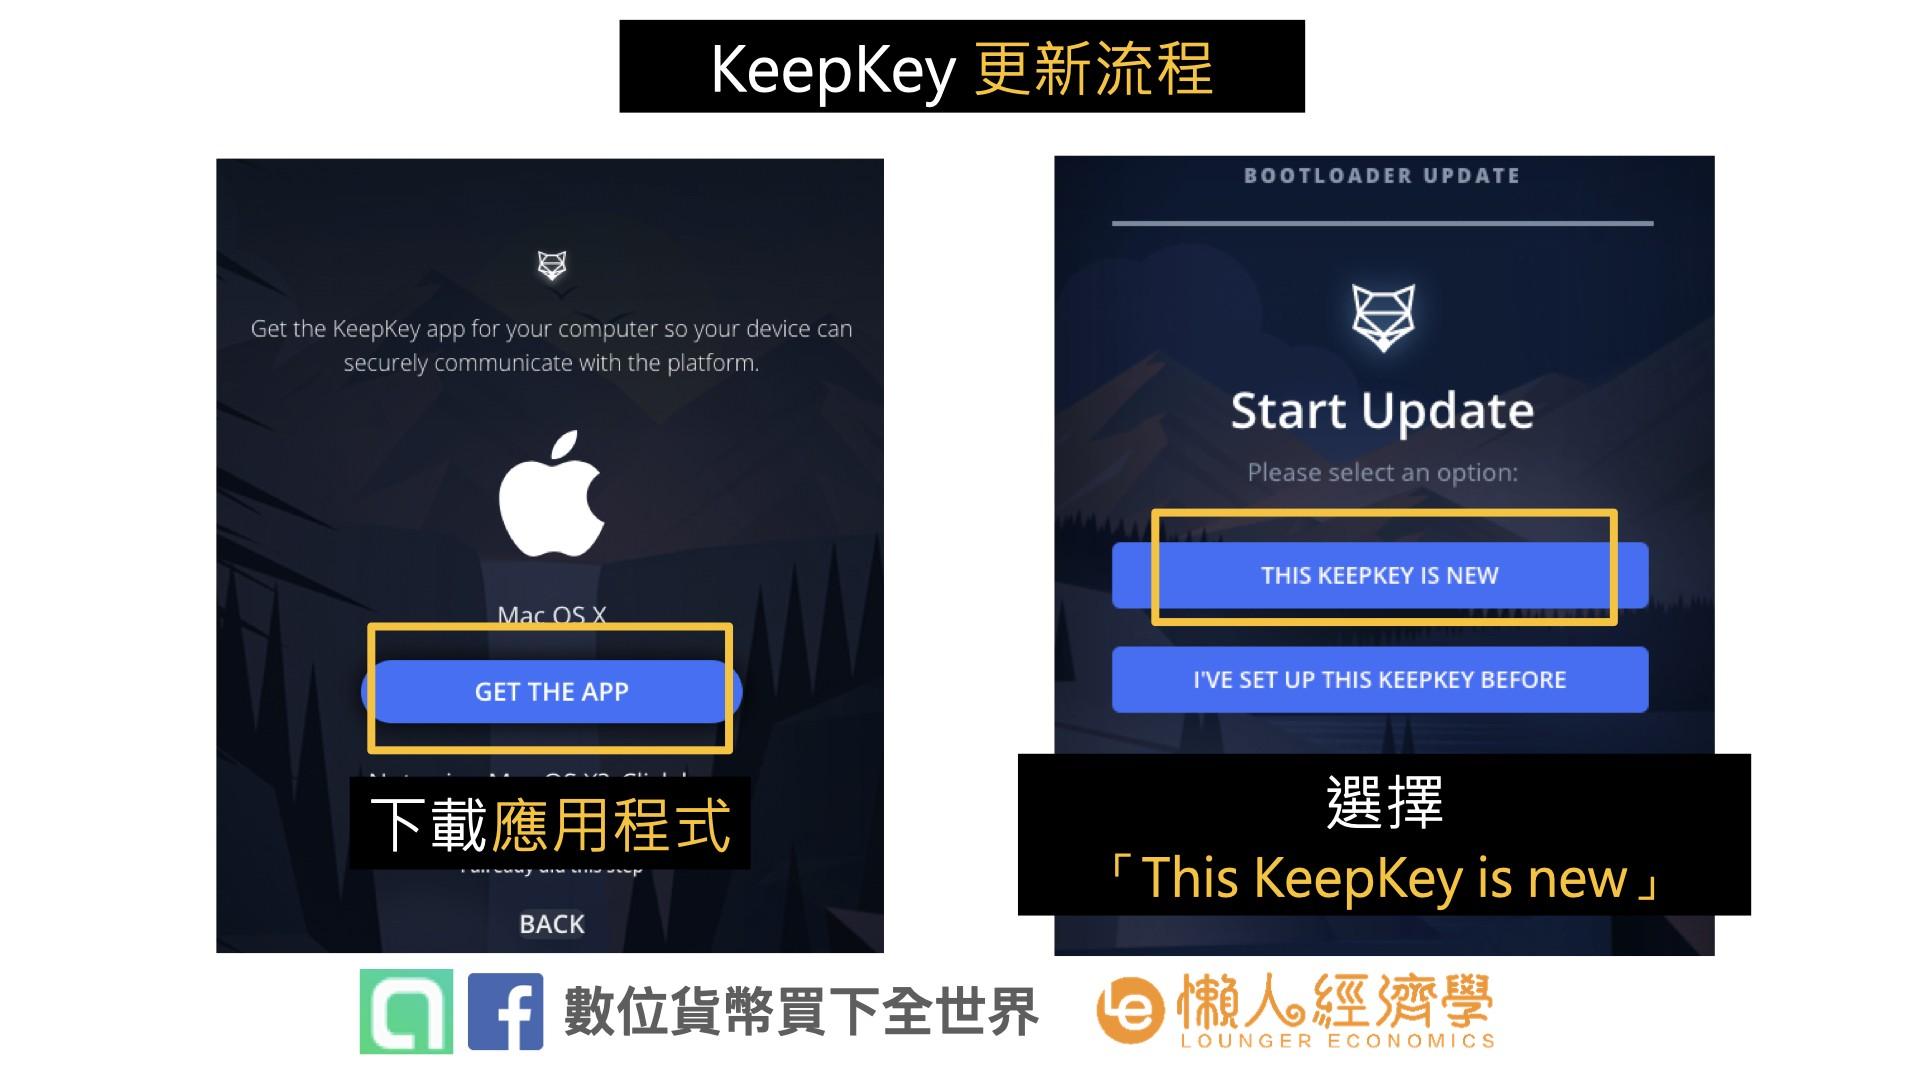 如何設定你的 KeepKey Wallet下載KeepKey應用程式